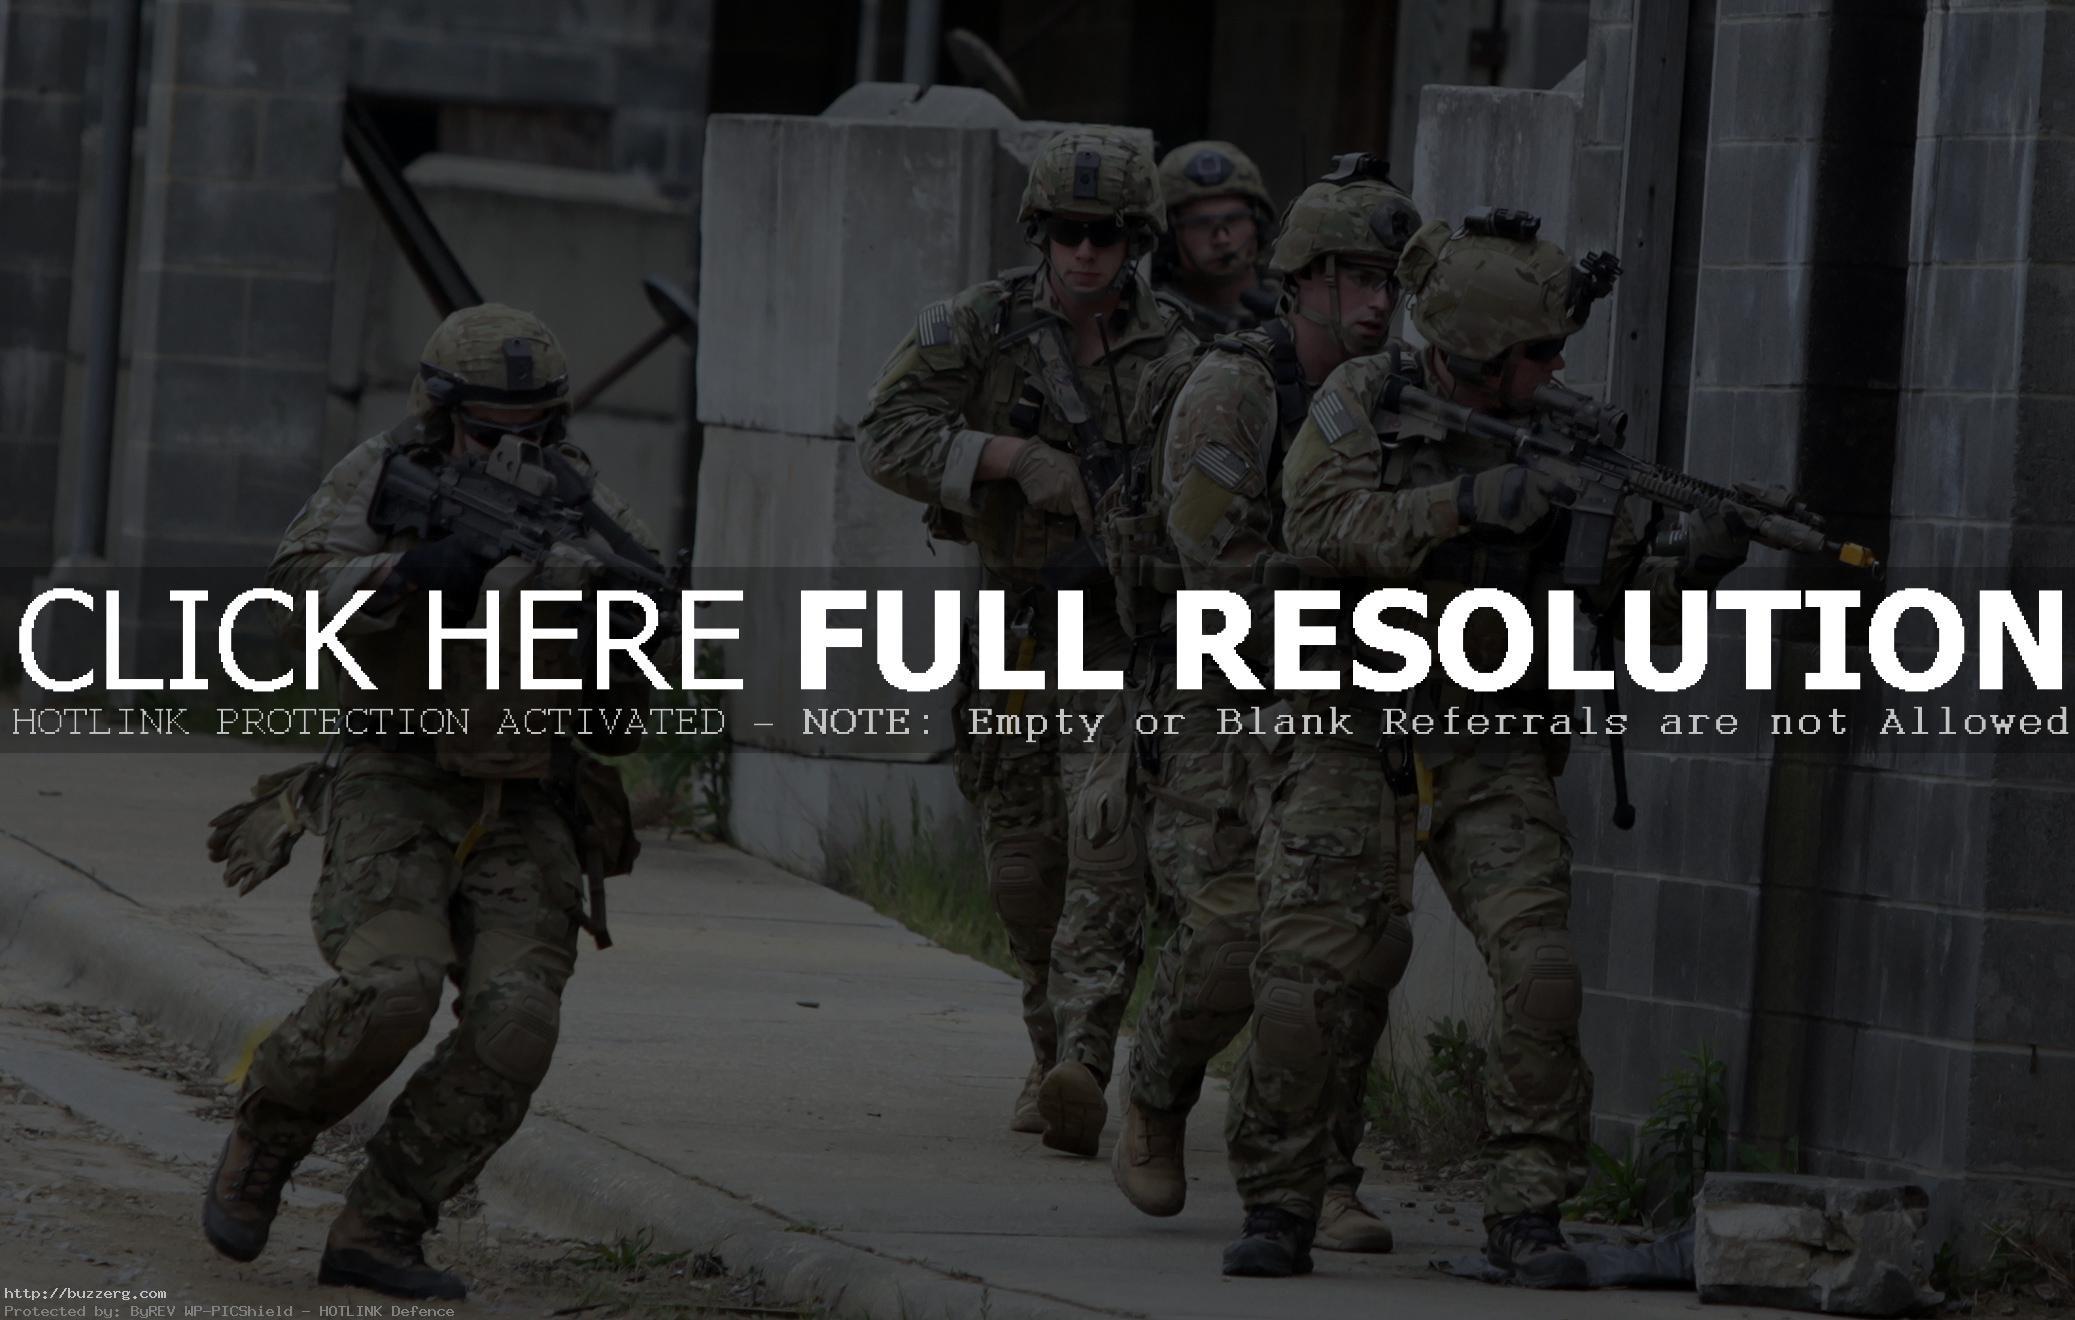 75th Army Rangers (id: 127989)